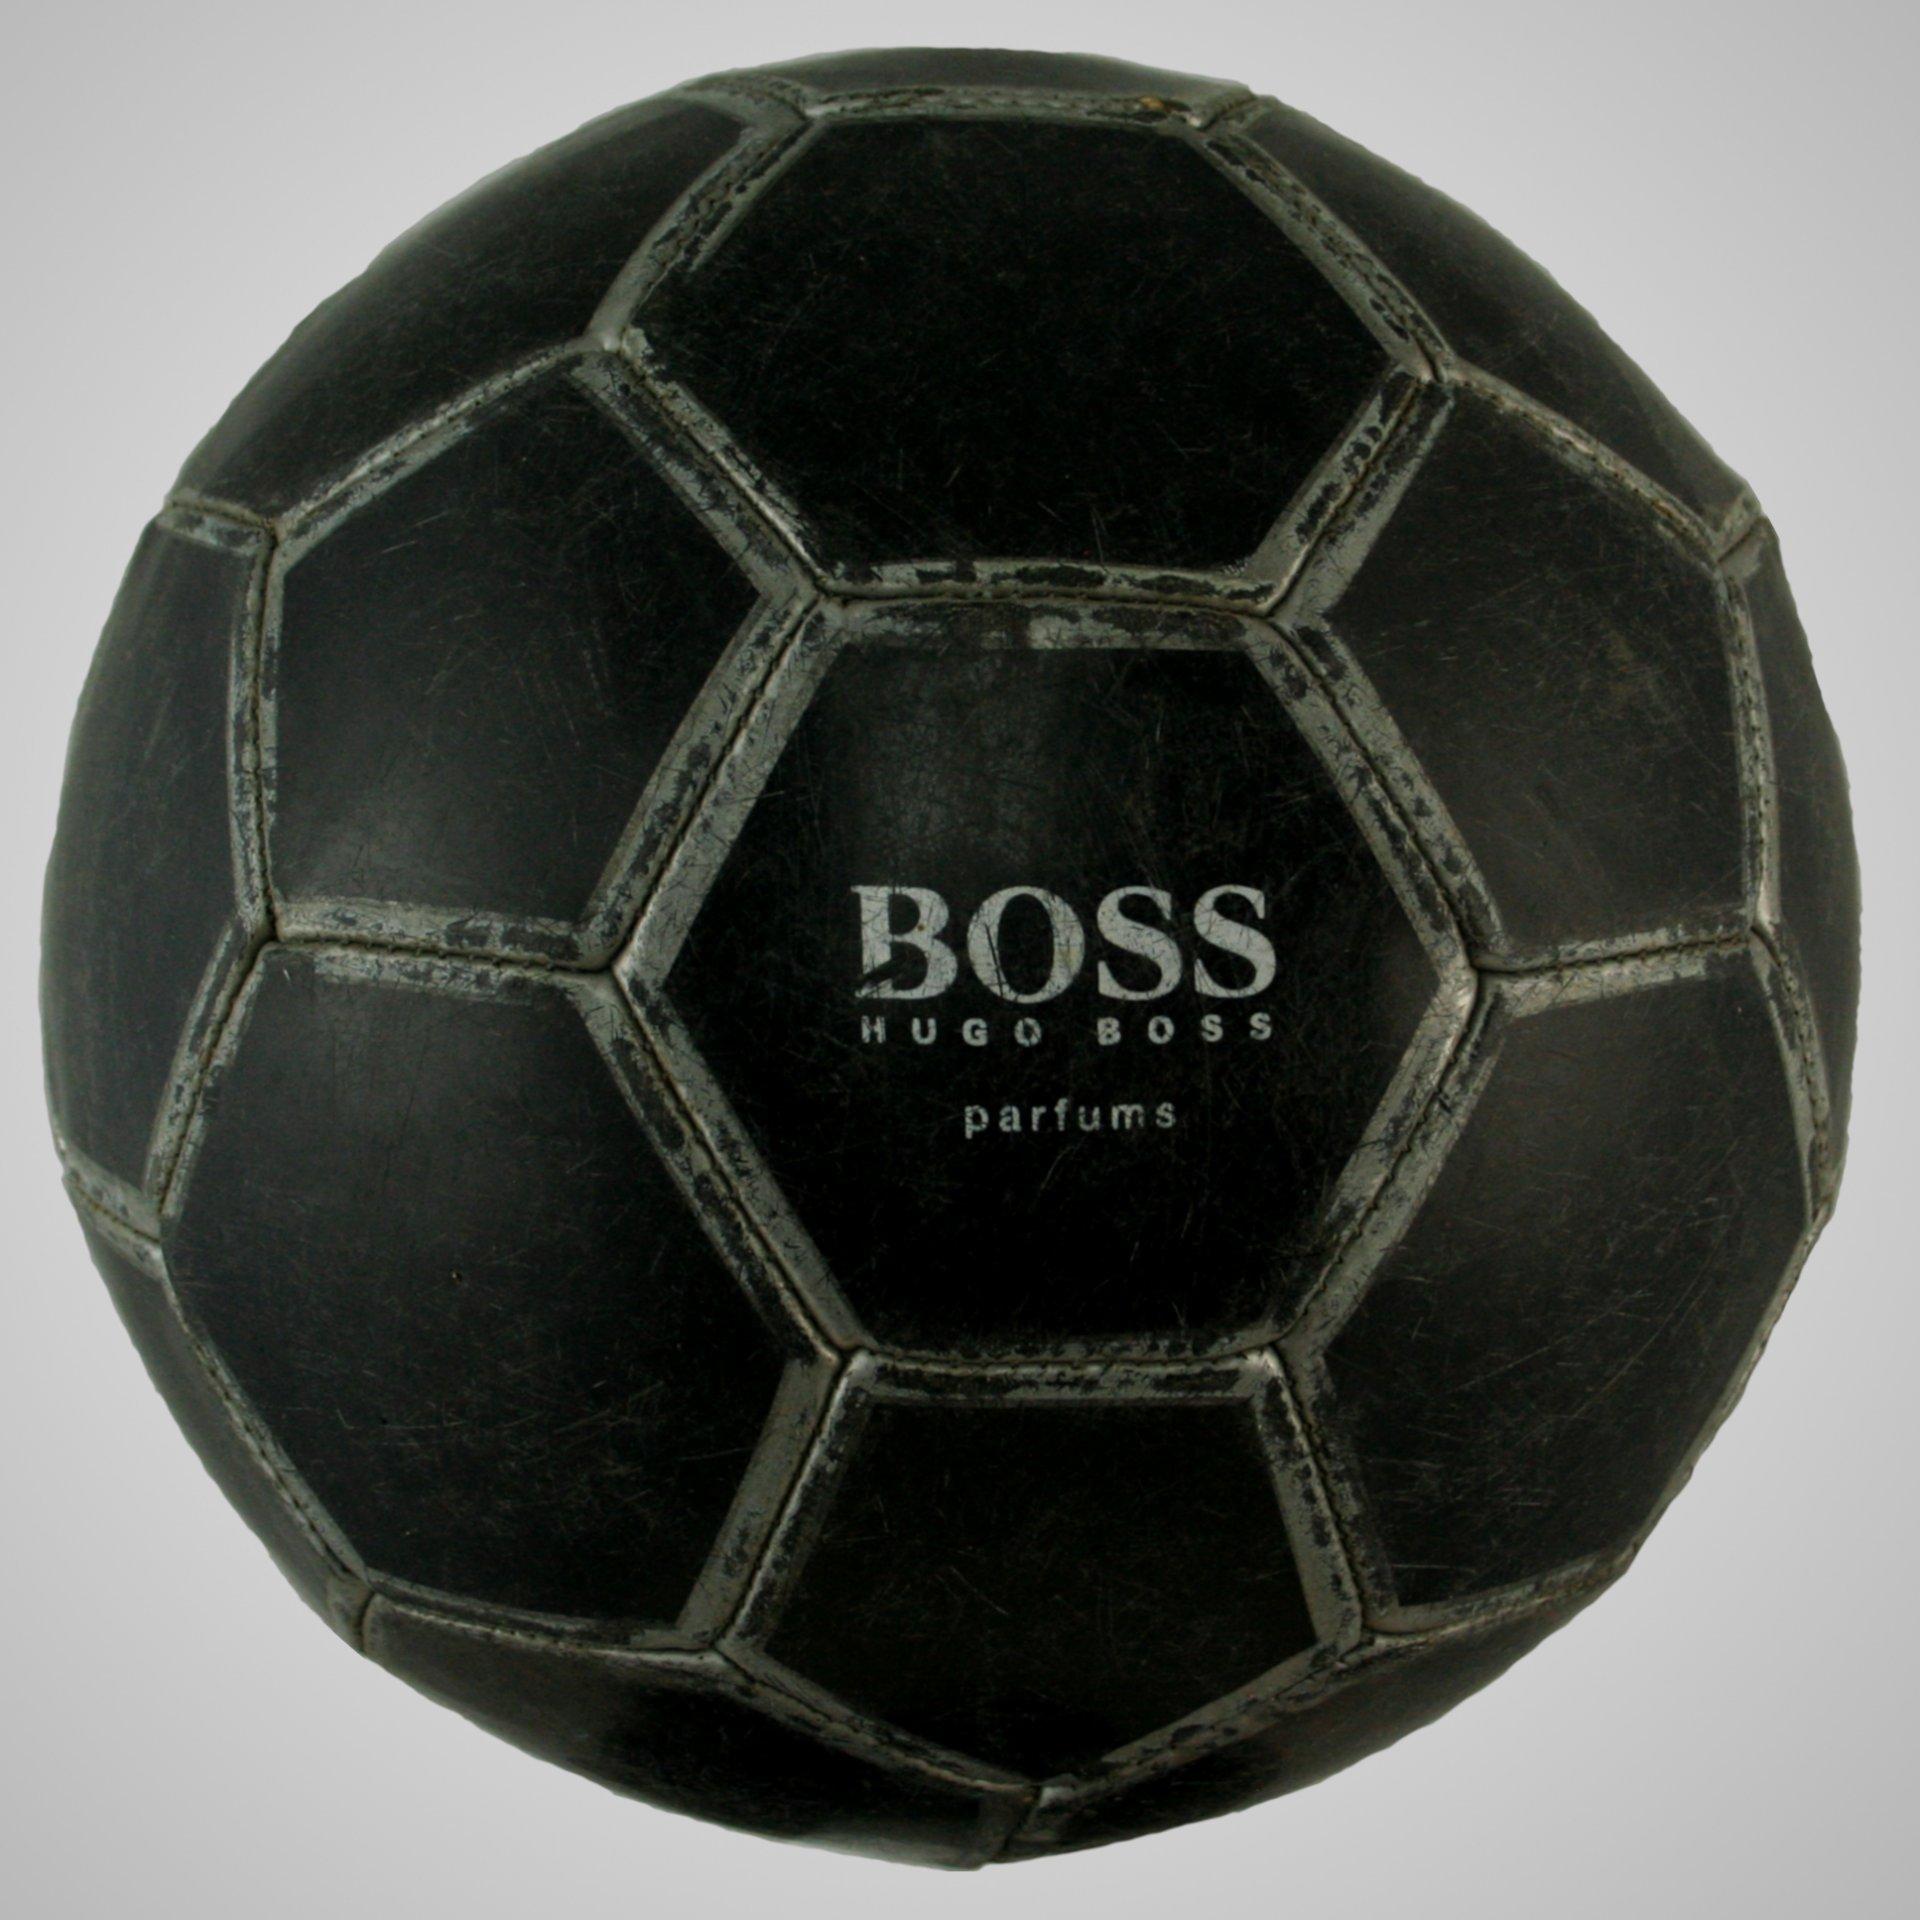 Hugo Boss Fußball